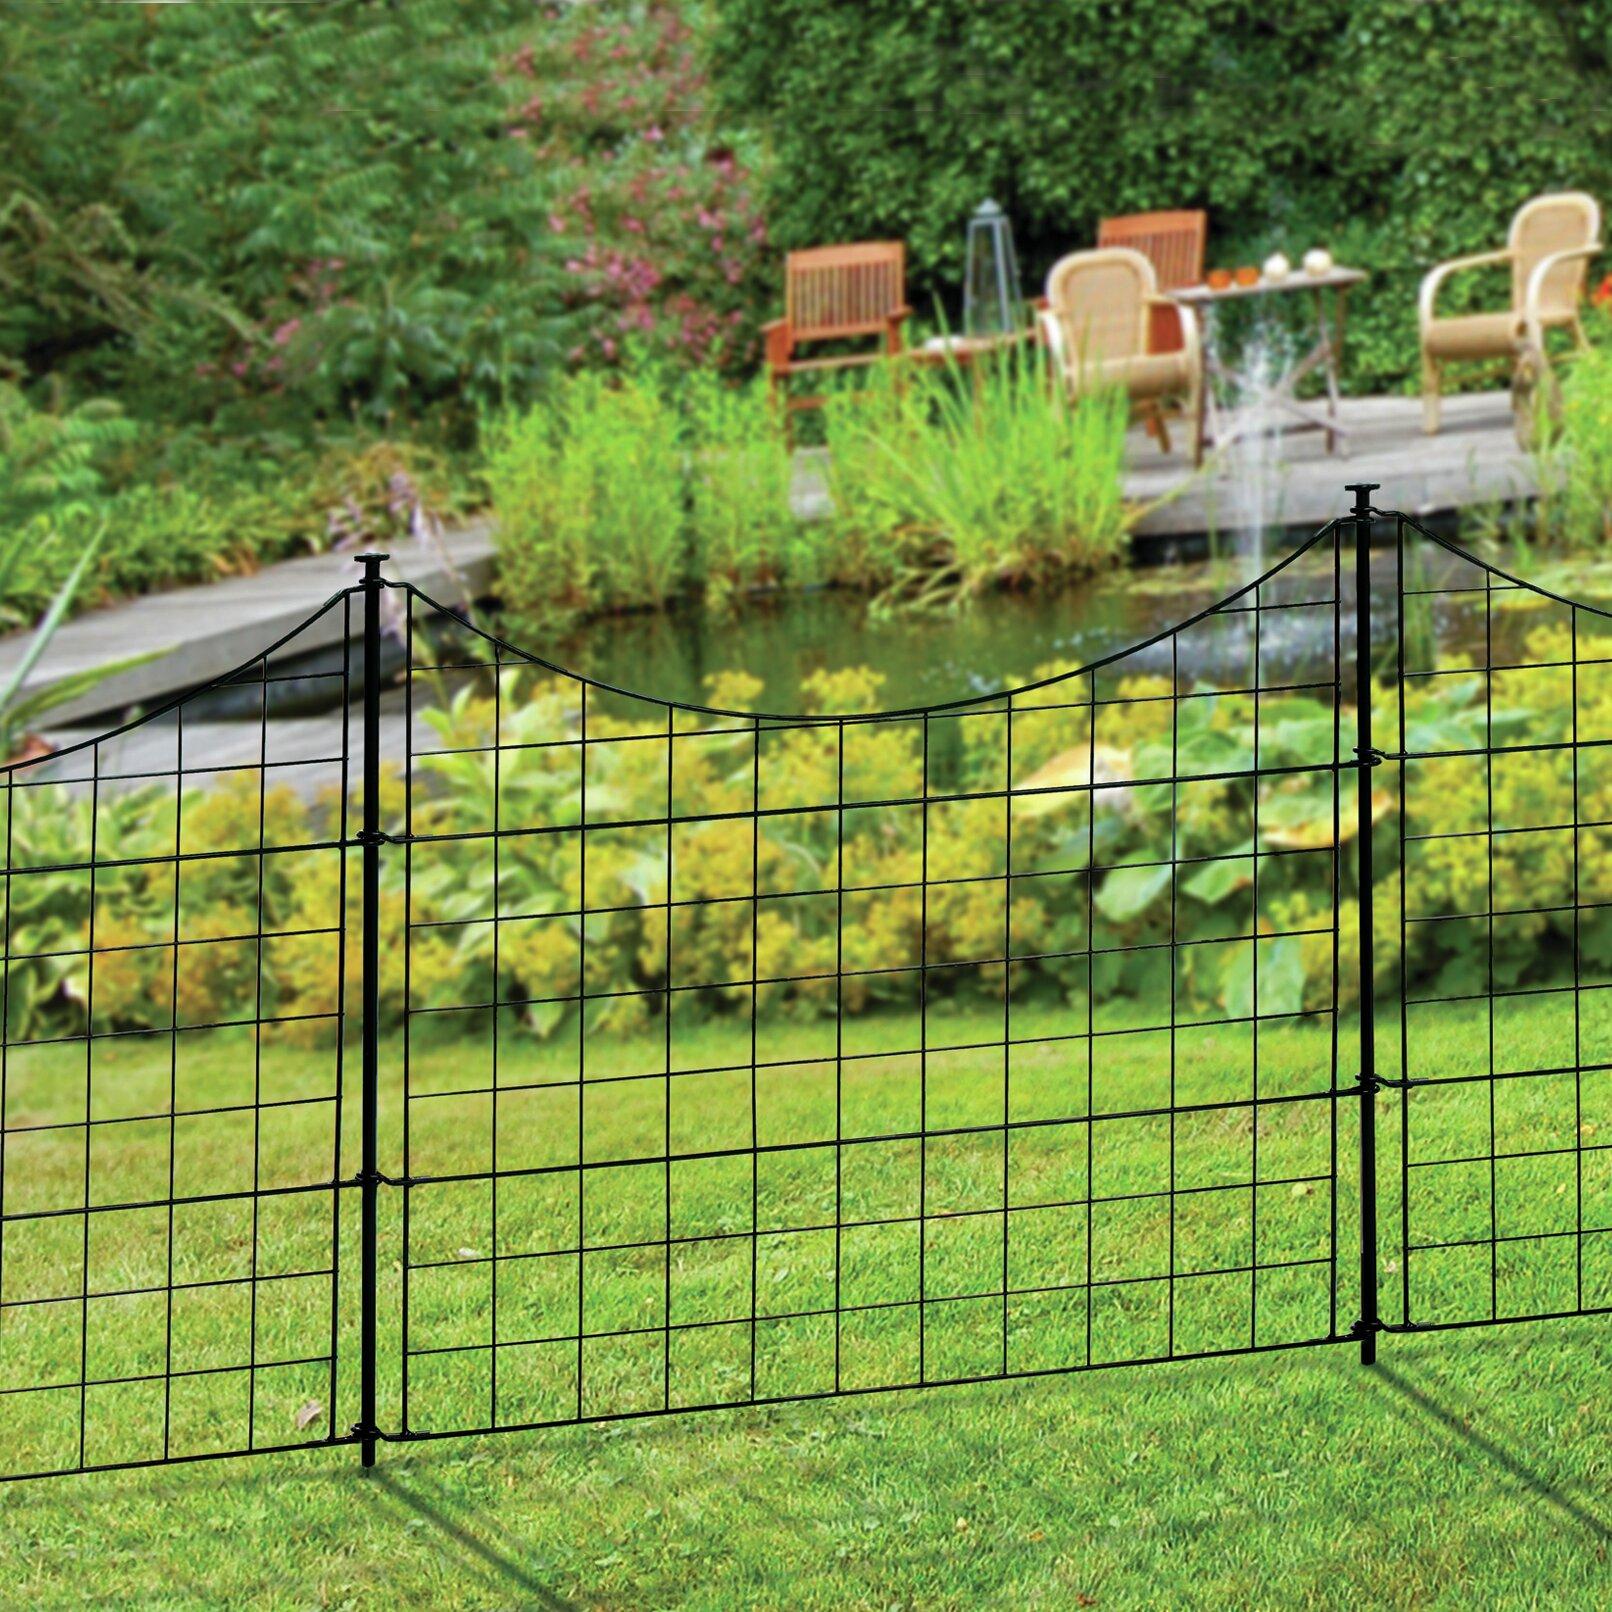 Wam Bam Zippity Garden Fence Amp Reviews Wayfair